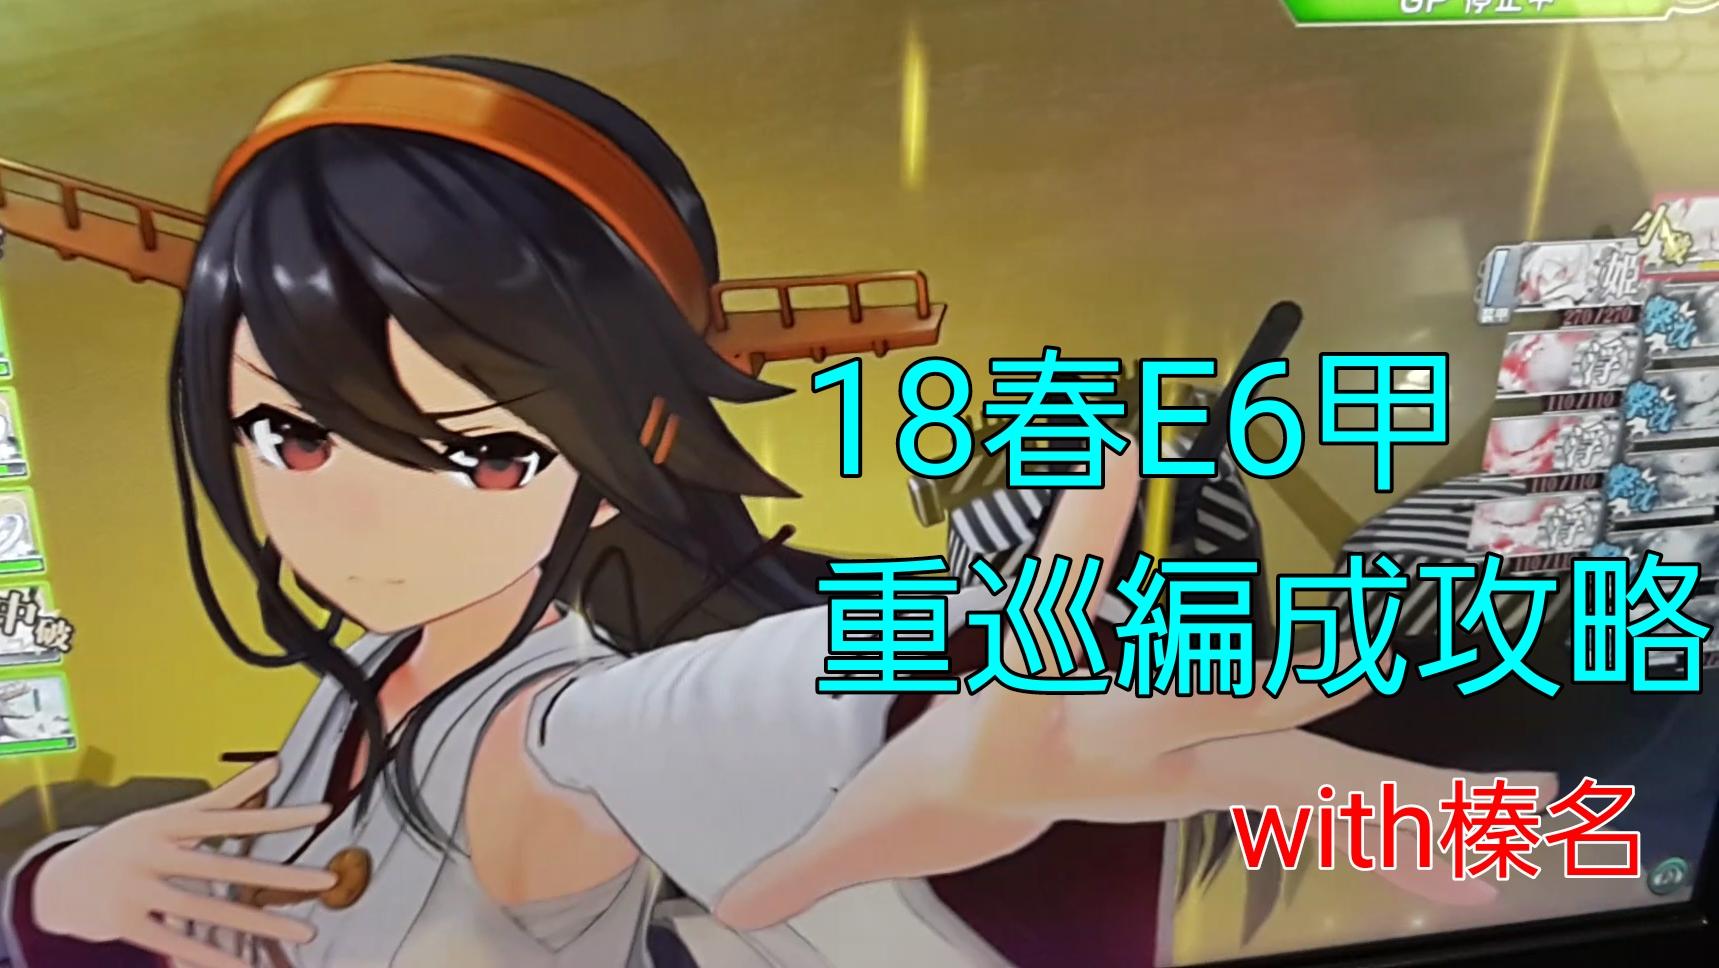 【AC】決戦!南方海域鉄底海峡(18春E6甲) 重巡2航巡3+夾叉戦艦 プレイ動画